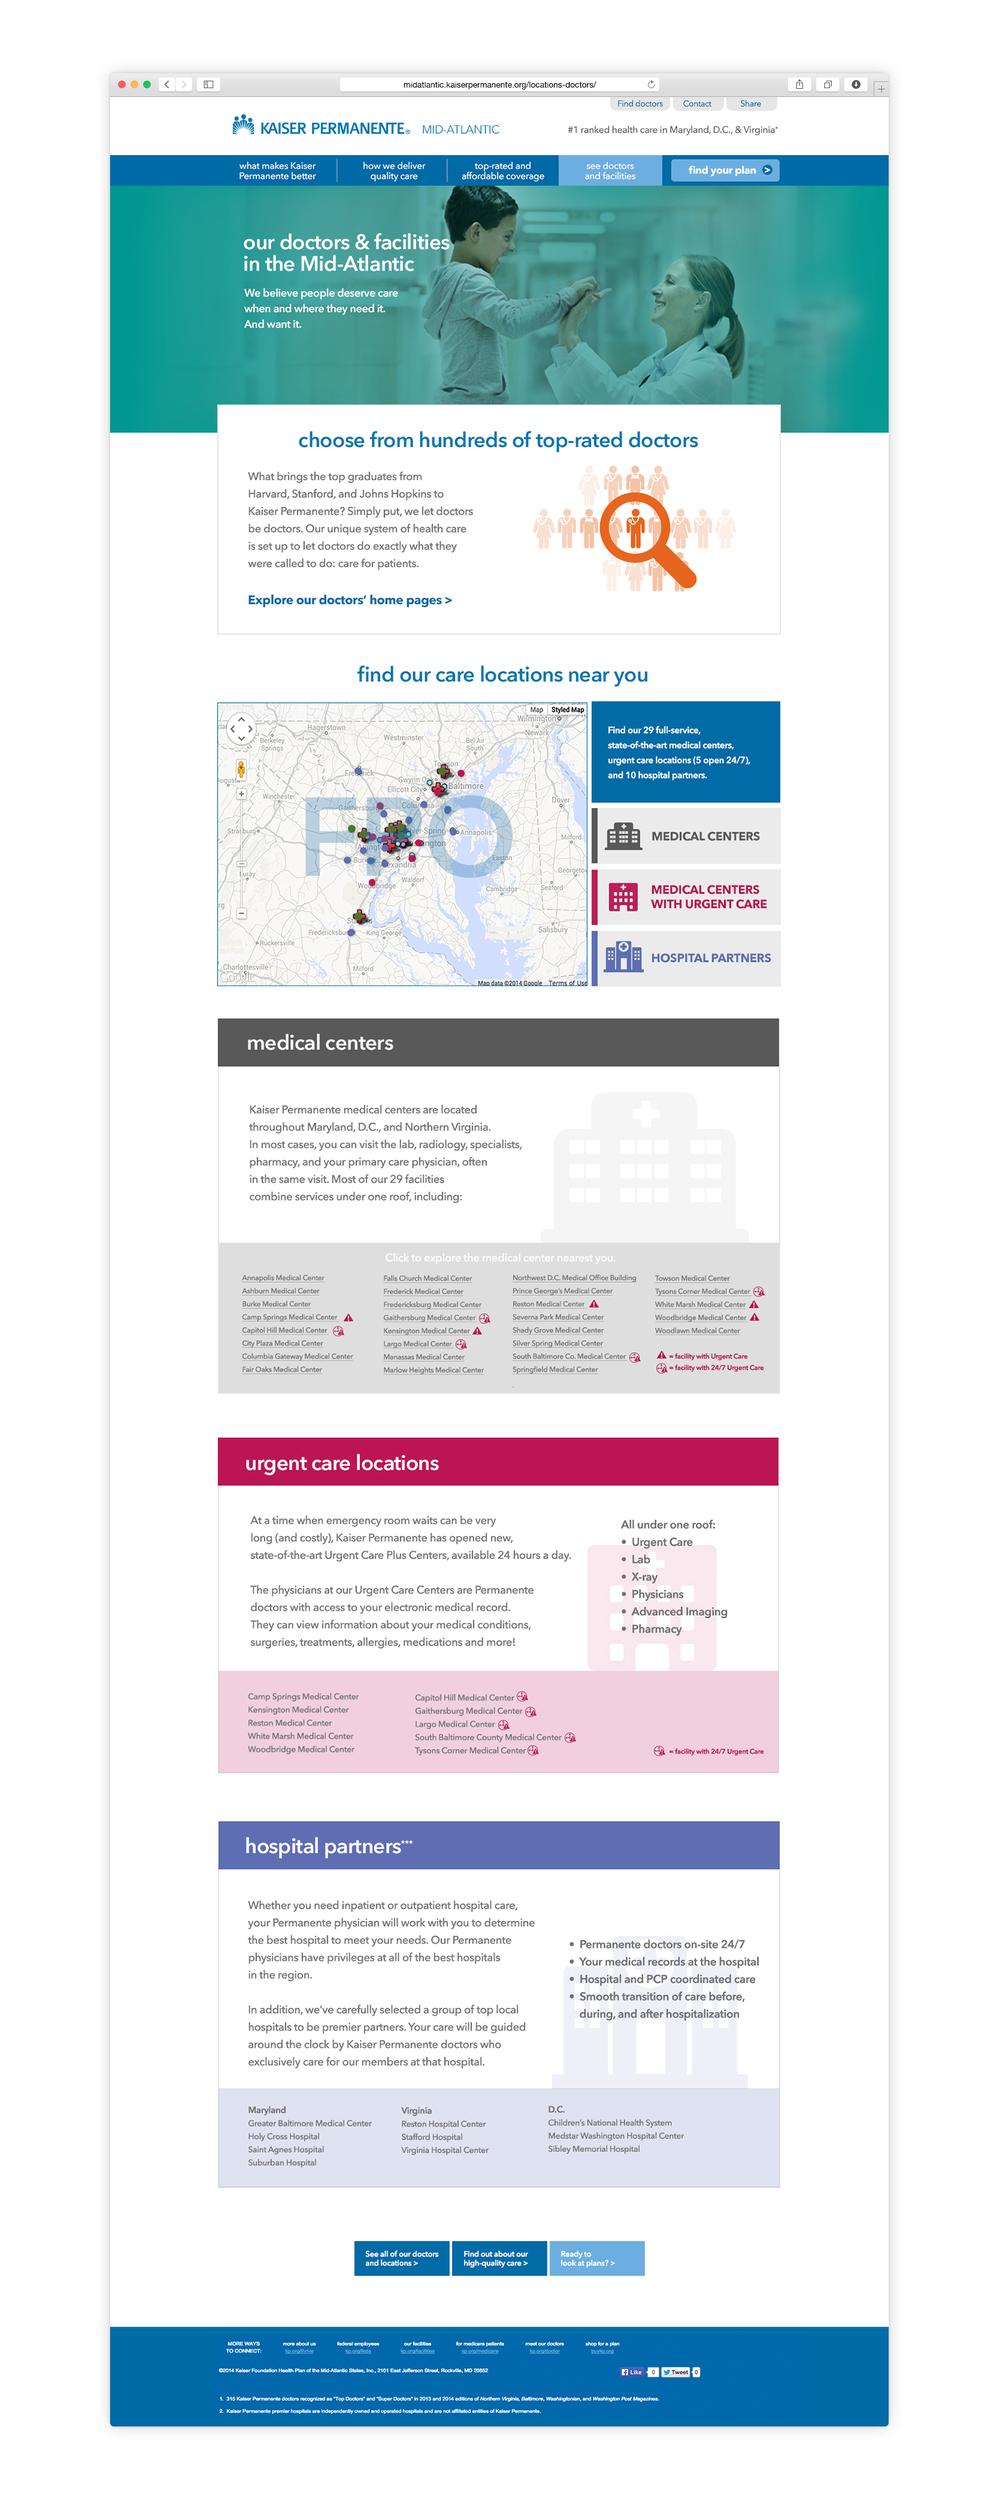 KP_website_mockup_5.jpg